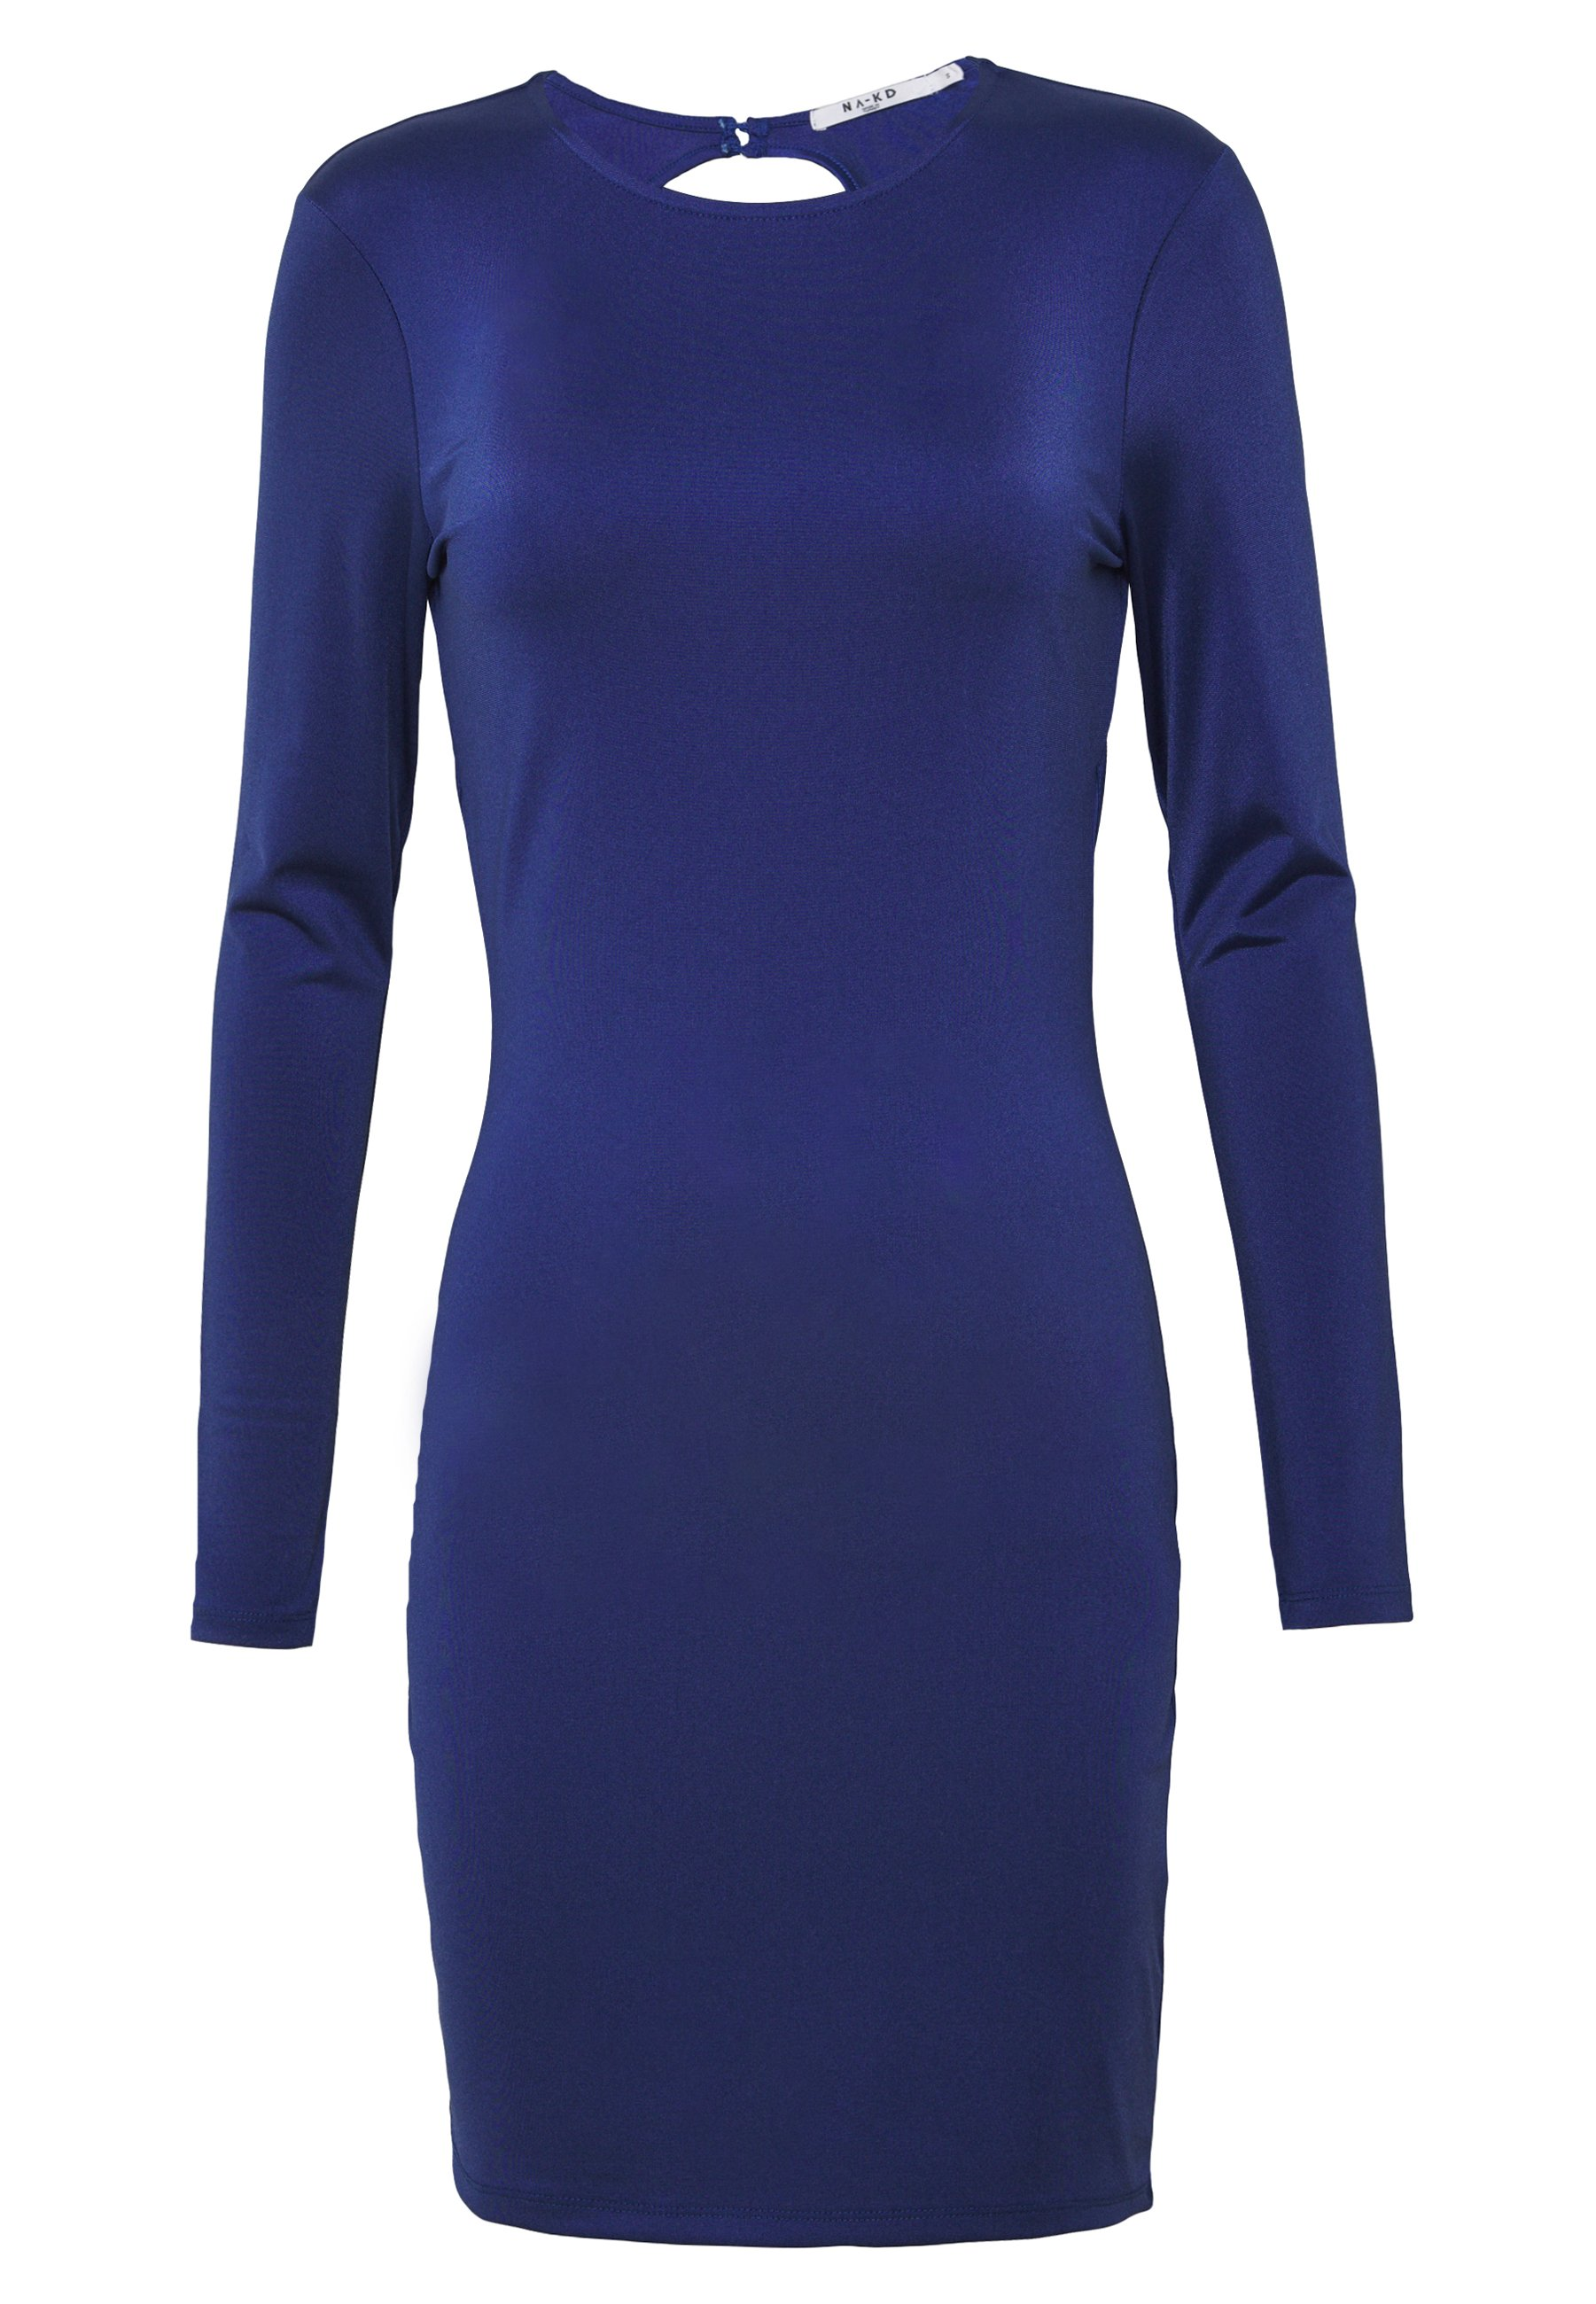 Na-kd Open Back Detail Dress - Jersey Navy UK